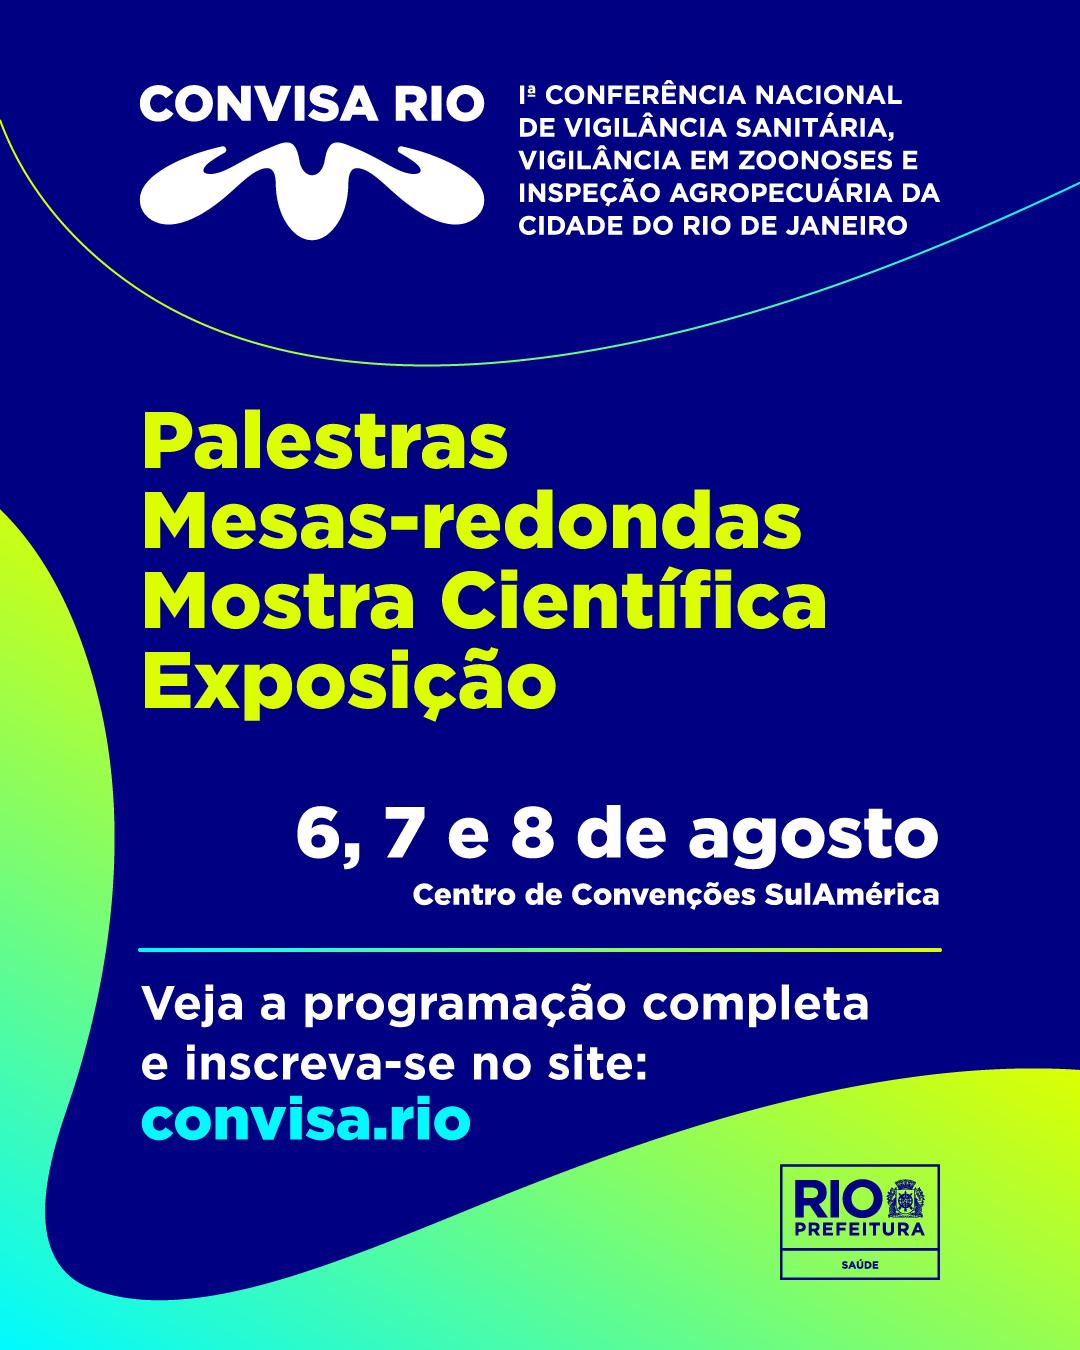 Convisa Rio: Vigilância esclarece sobre confirmação de inscrição